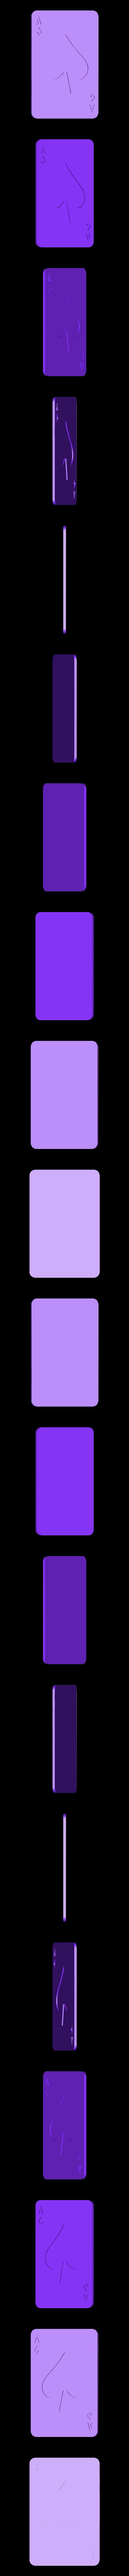 Spades_1_dig.stl Télécharger fichier SCAD gratuit Les cartes à jouer • Objet imprimable en 3D, yvrogne59